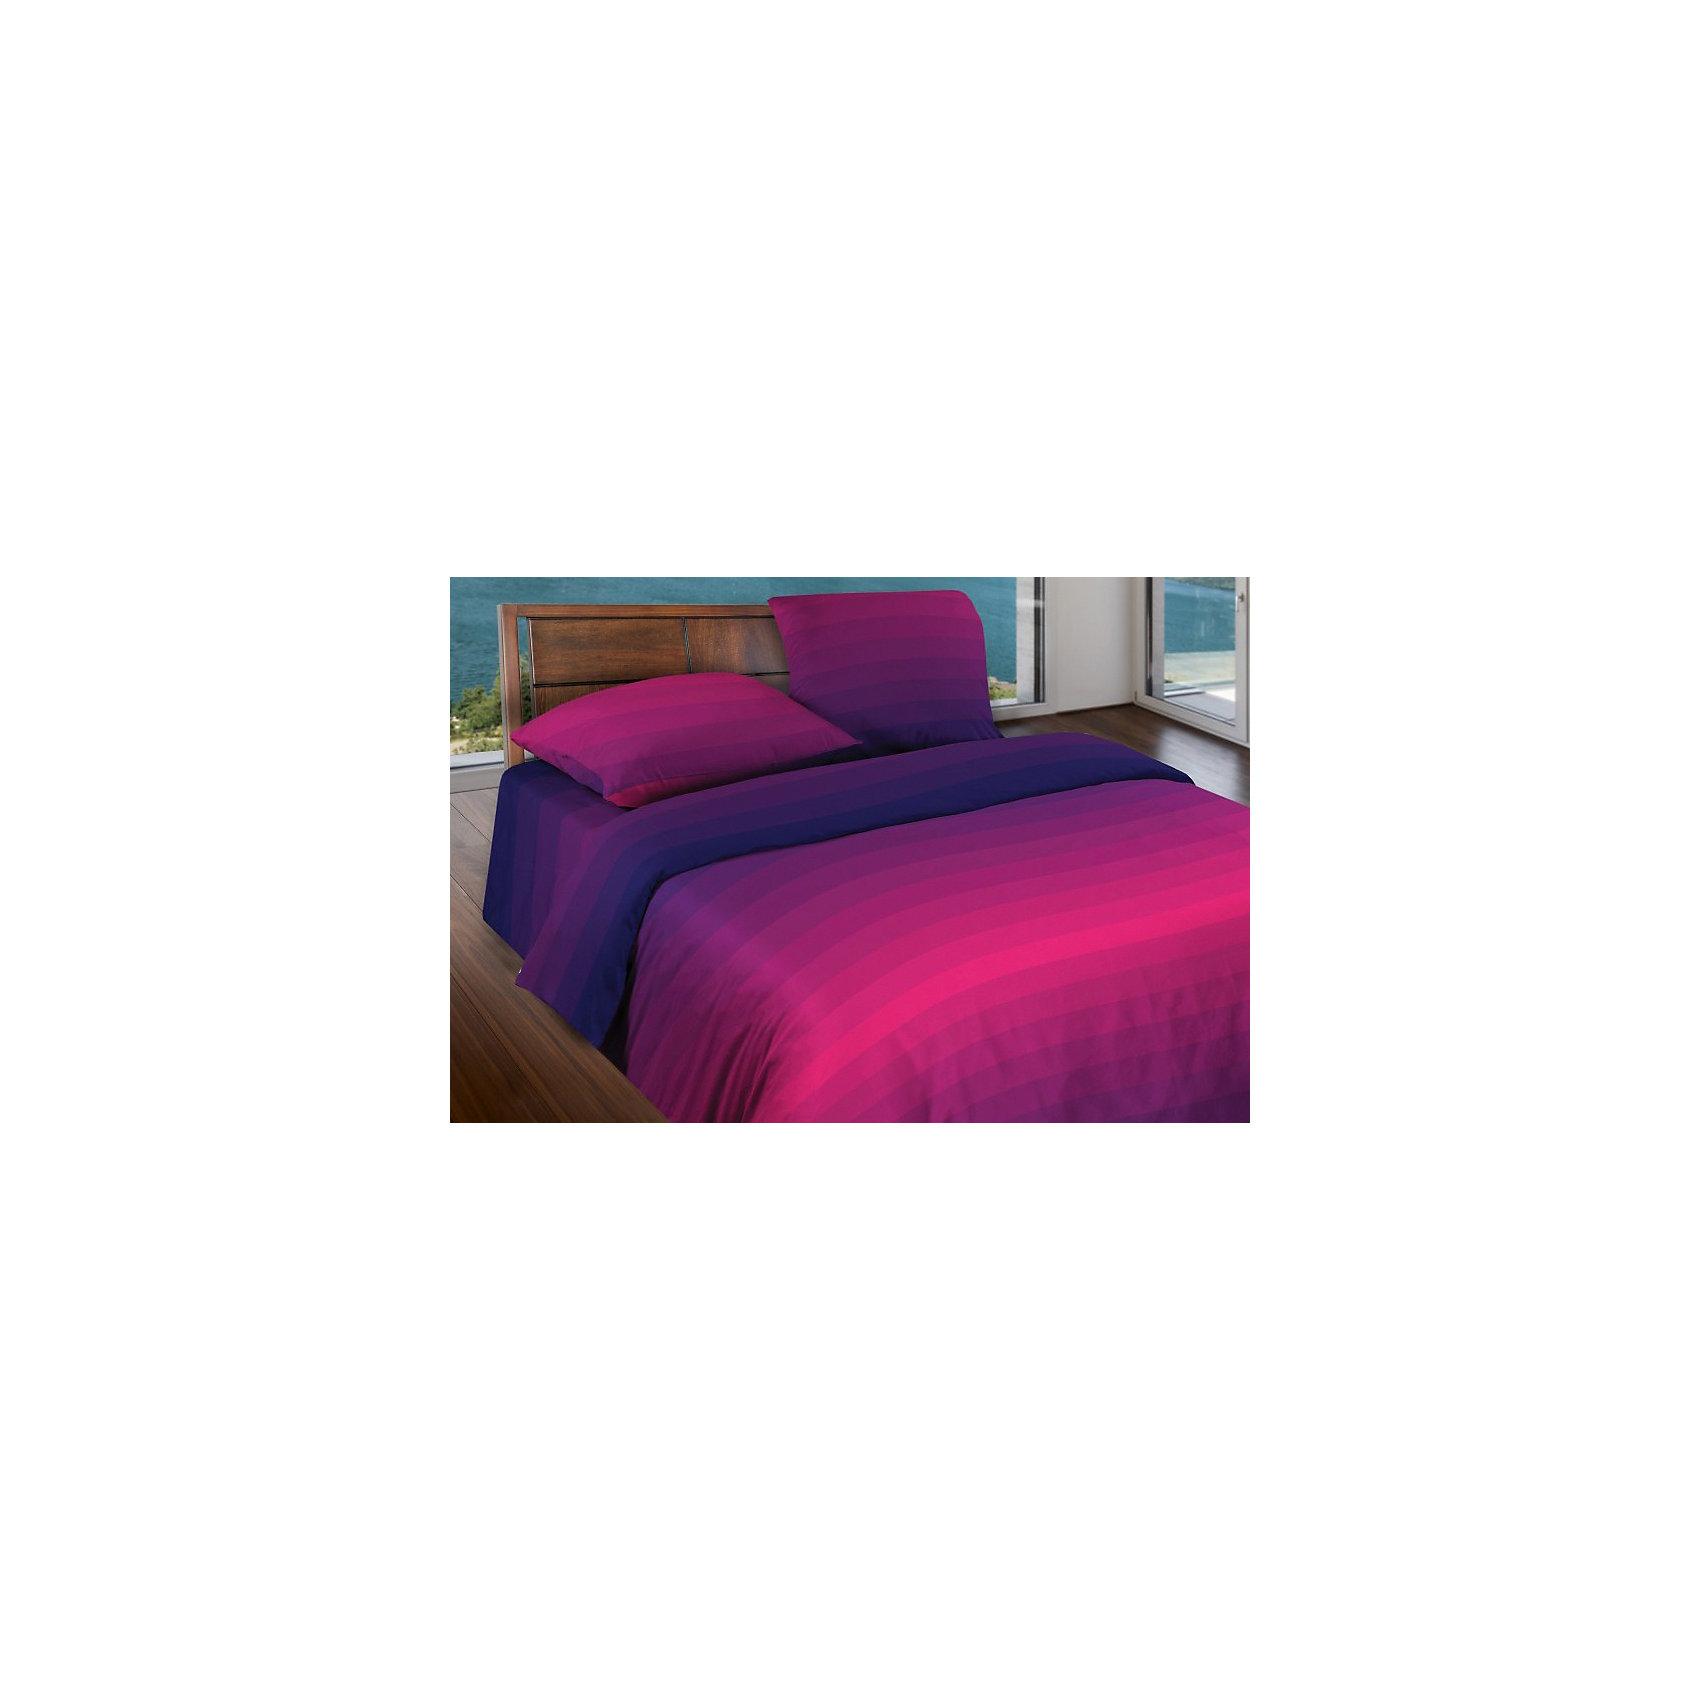 Постельное белье Евро Flow Purple БИО Комфорт, Wenge MotionДомашний текстиль<br>Характеристики комплекта постельного белья евро размера  Flow Purple  БИО Комфорт, серии Wenge Motion:<br><br>- производитель: Неотек<br>- материал: бязь<br>- состав: 100% хлопок<br>- размер комплекта: евро размер<br>- размер пододеяльника: 215*220 см.<br>- размер простыни: 220*240 см.<br>- размер наволочек: 70*70 (2 шт)<br>- упаковка комплекта: книжка пвх<br>- страна бренда: Россия<br>- страна производитель: Россия<br><br>Комплект постельного белья  Flow Purple  серии Wenge Motion создано для современного, делового и активного человека.   Дизайн постельного белья будет  по нраву тем, кто ценит комфортную обстановку дома. Комплект  Flow Purple  серии Wenge Motion произведен  из натурального 100% хлопка, что делает его износостойким, крепким и при этом приятным на ощупь. Постельное белье выполнено из биологически чистой и натуральной ткани БИОкомфорт. Ткань изготовлена из 100% хлопка, обладает прекрасными качественными характеристиками. <br>Такое постельное белье подарит Вам приятные ощущения во время отдыха. Рисунок изделия выполнен в современном стиле. Сдержанный и лаконичный дизайн  подчеркнет Вашу индивидуальность и станет великолепным элементом интерьера. Коллекция постельного белья серии Wenge Motion - это особое настроение, которое создает каждый дизайн,  созданный специально для современных и активных людей.<br><br>Комплекта постельного белья   Flow Purple  серии Wenge Motion можно купить в нашем интернет-магазине.<br><br>Ширина мм: 370<br>Глубина мм: 70<br>Высота мм: 370<br>Вес г: 2500<br>Возраст от месяцев: 216<br>Возраст до месяцев: 1188<br>Пол: Унисекс<br>Возраст: Детский<br>SKU: 5100147